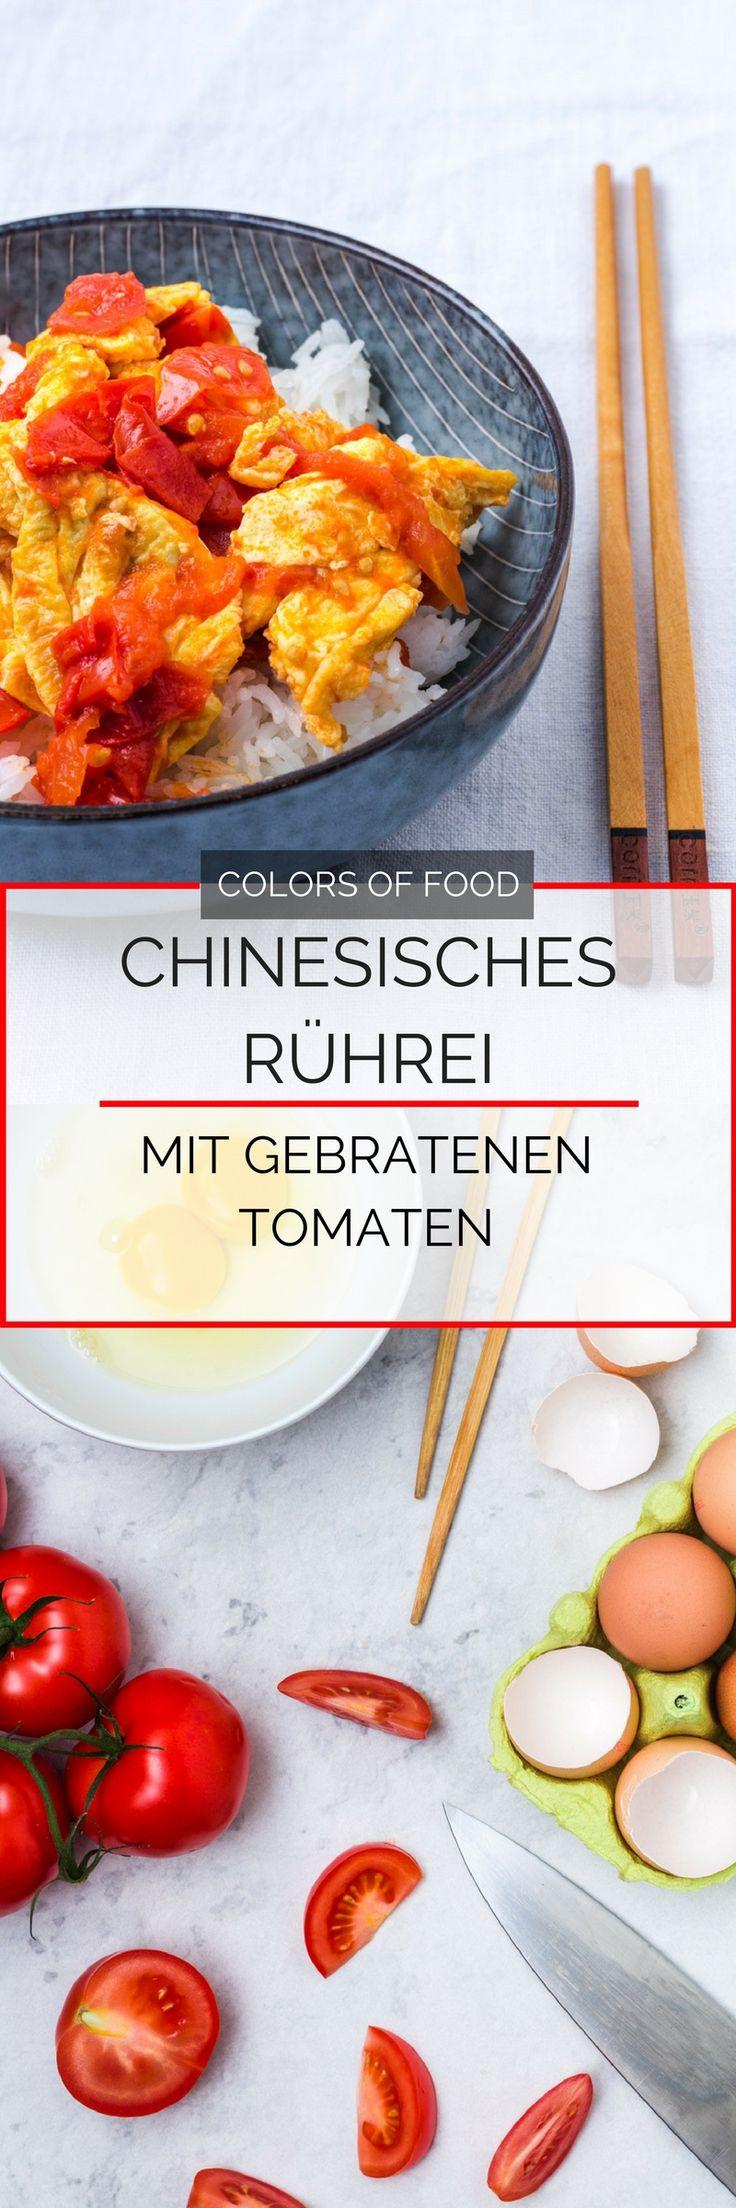 Hier findest du das Rezept für eine simple chinesische Nationalspeise mit gerade einmal vier Zutaten. Echtes Soulfood. Einfach Yummy!